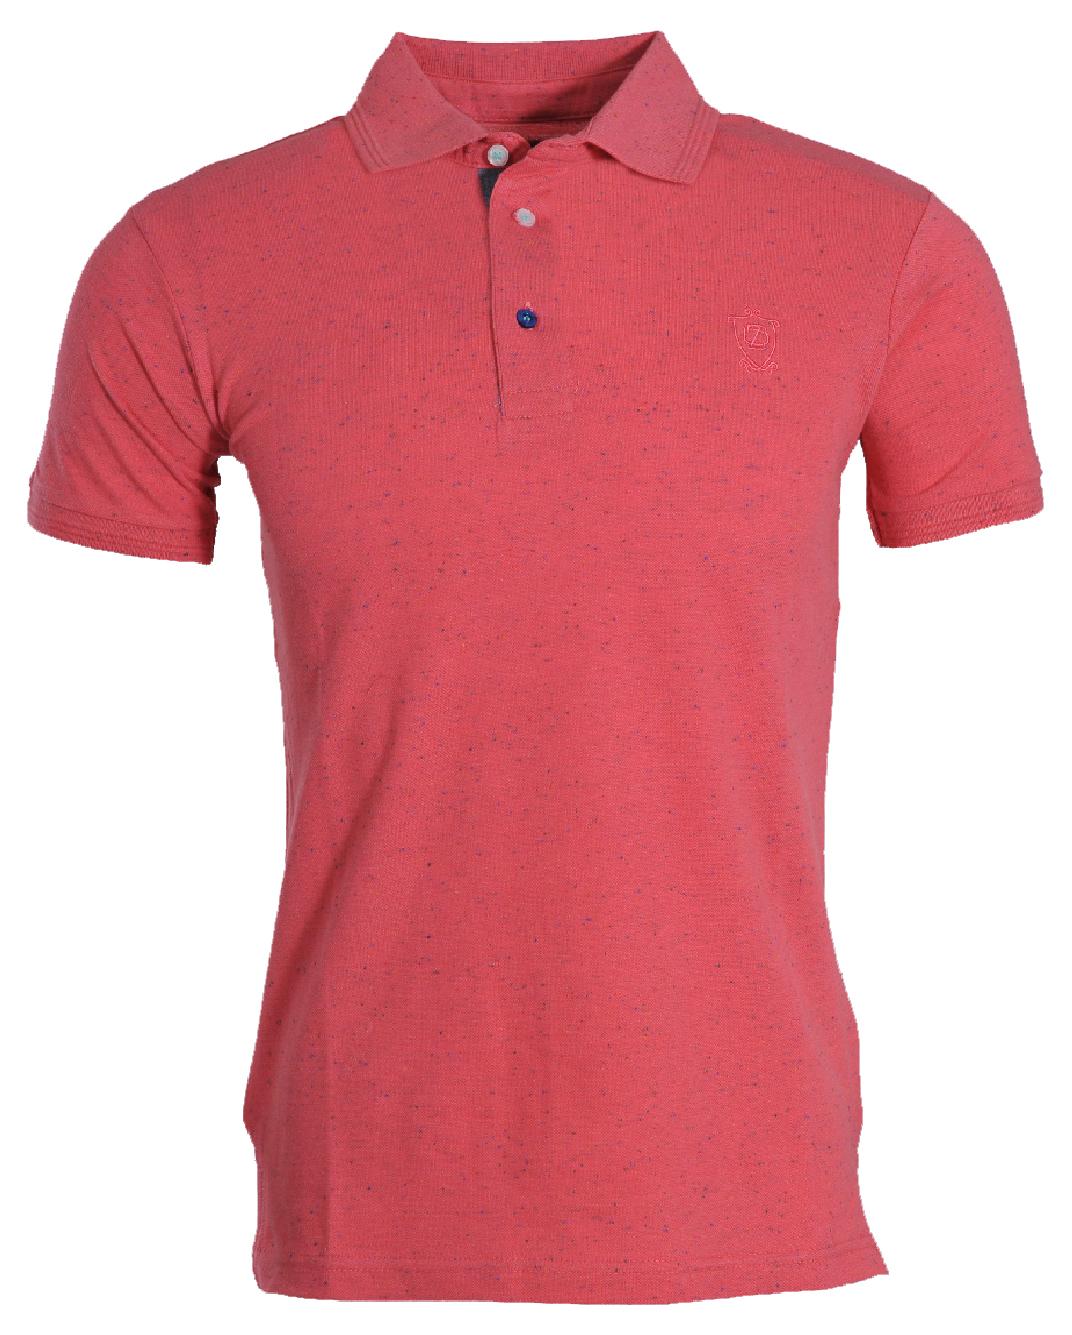 Ανδρικό Polo Zen Koral-Κοραλί αρχική ανδρικά ρούχα polo